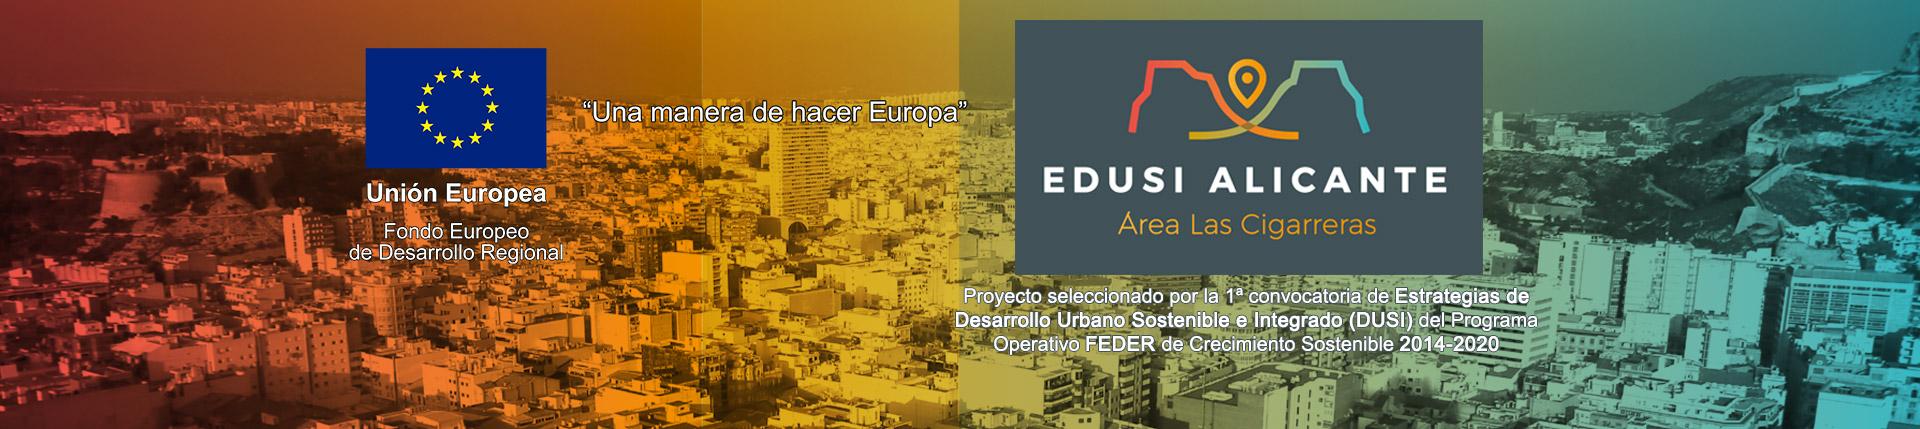 Estrategia DUSI Alicante - Área Las Cigarreras